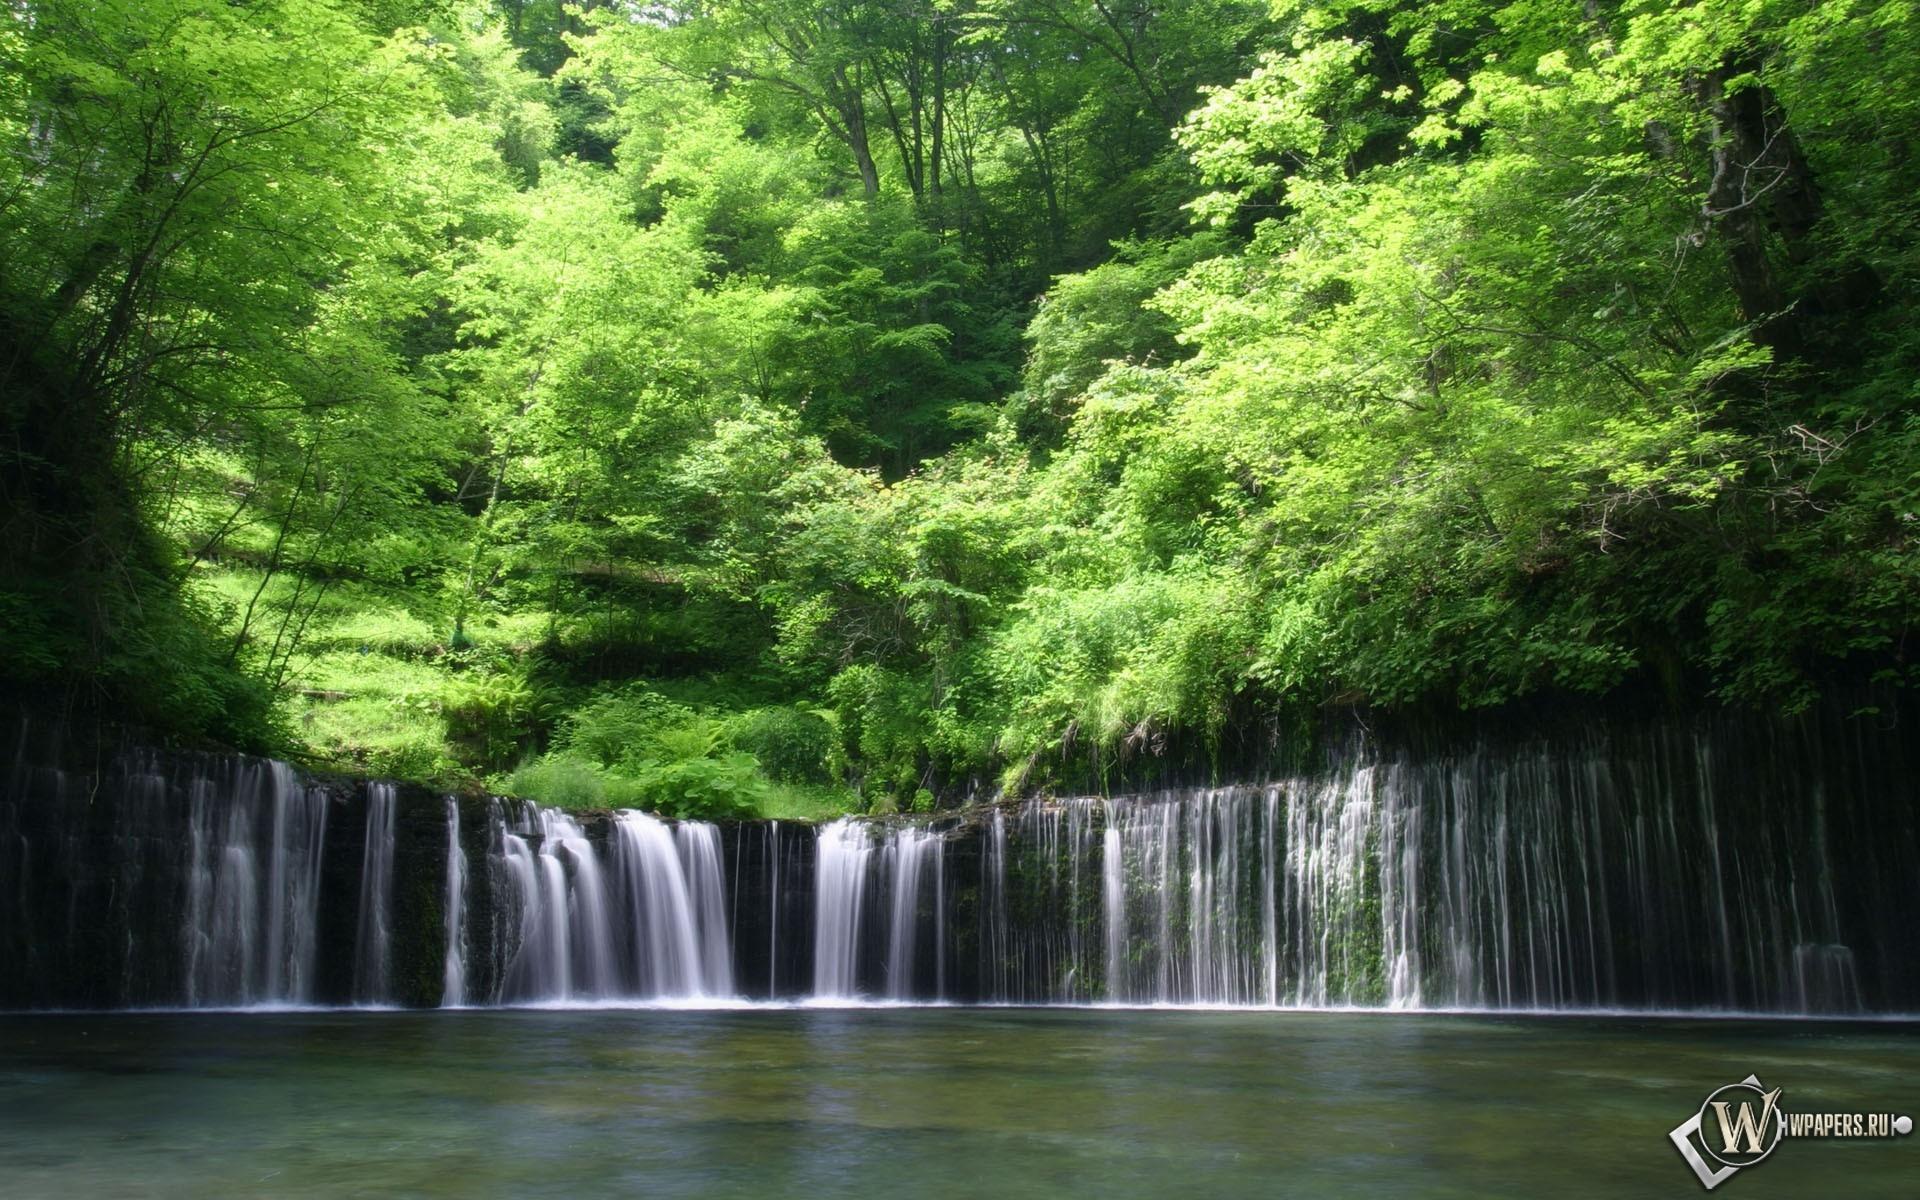 Деревья над водопадом 1920x1200